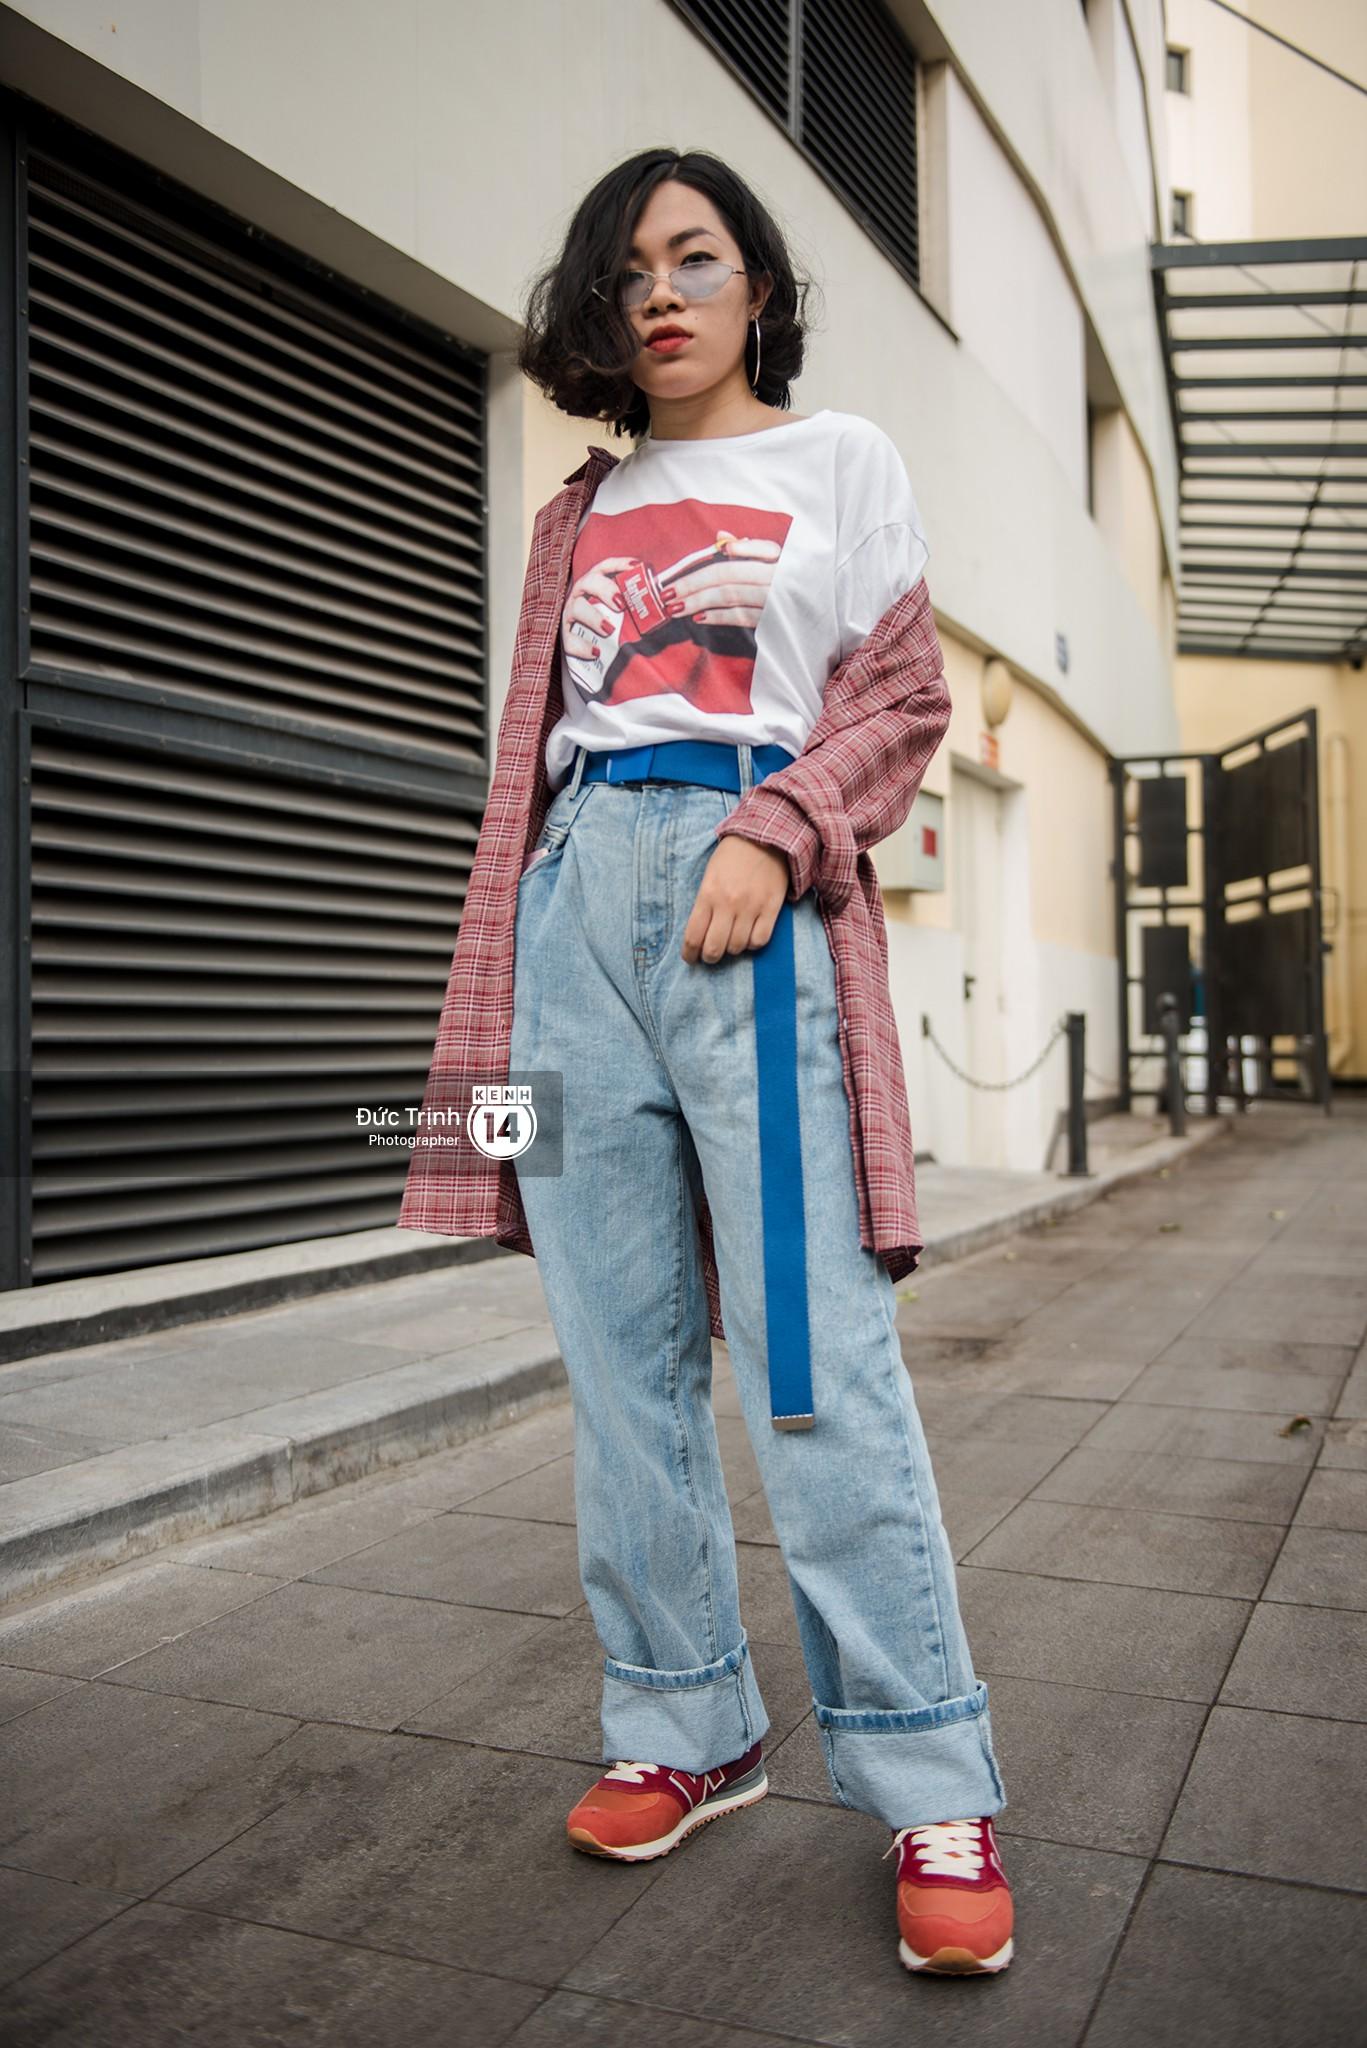 Street style 2 miền: Bên cạnh những món đồ hot trend, diện đồ đôi chính là chiêu mới để các bạn trẻ thể hiện phong cách - Ảnh 4.